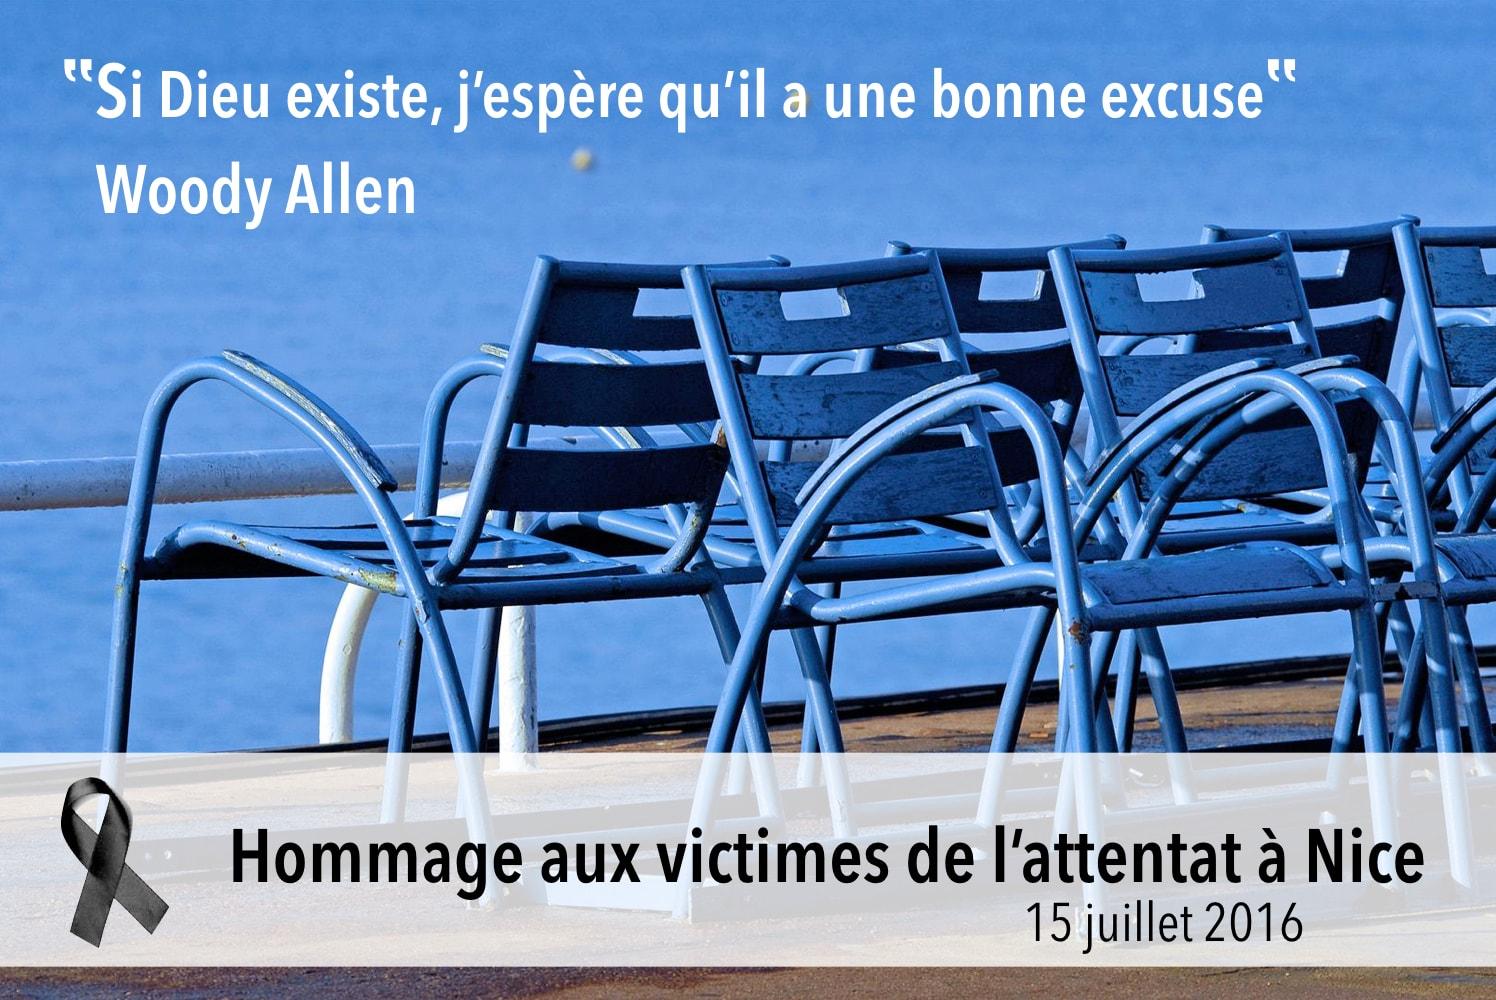 Hommage à toutes les victimes de l'attentat de Nice, le 15 juillet 2016